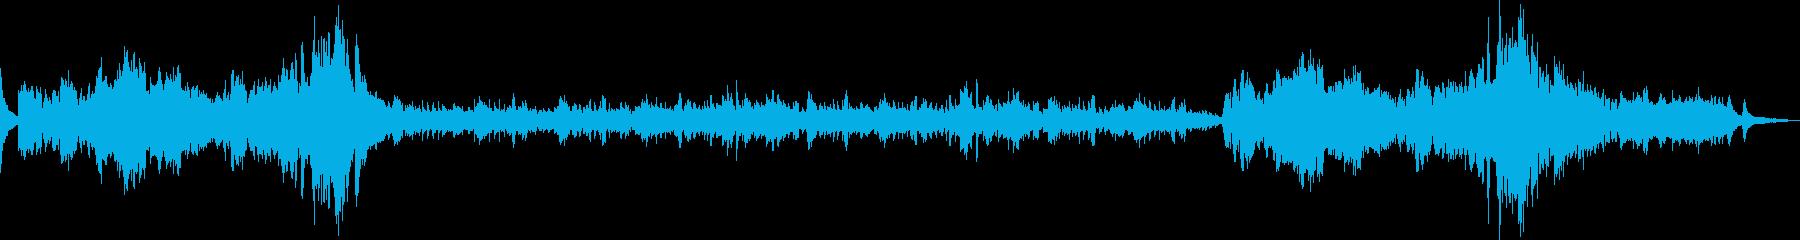 ショパンの有名曲 幻想即興曲の再生済みの波形